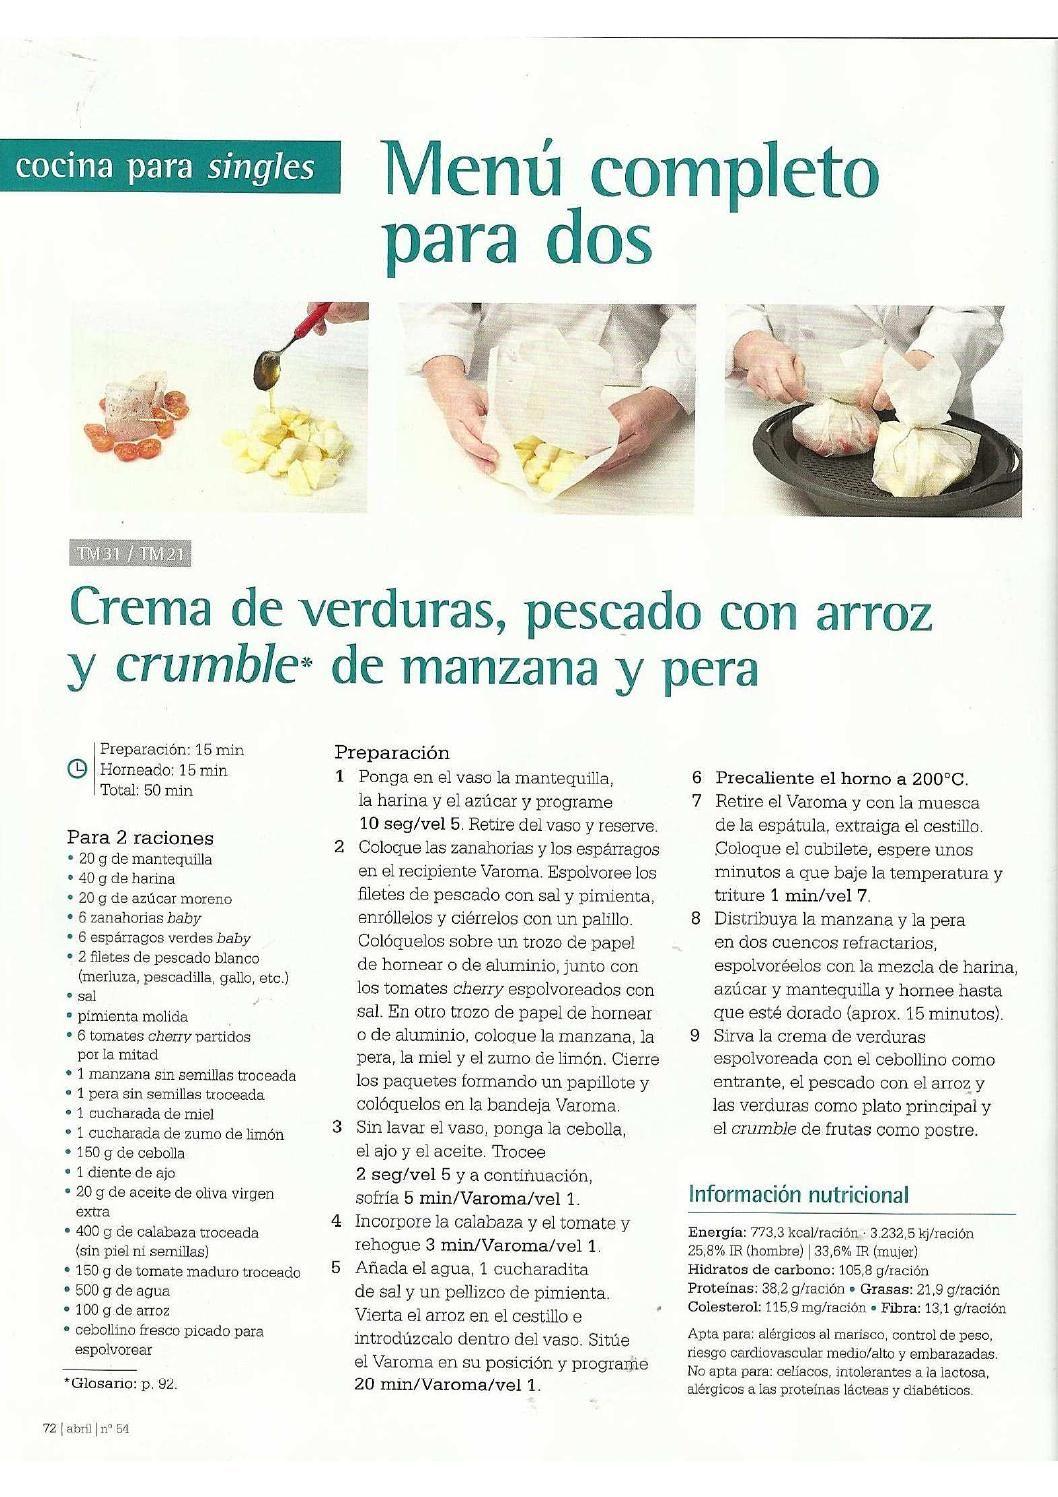 Revista Thermomix Nº54 Pascua Recetas De Thermomix Thermomix Recetas